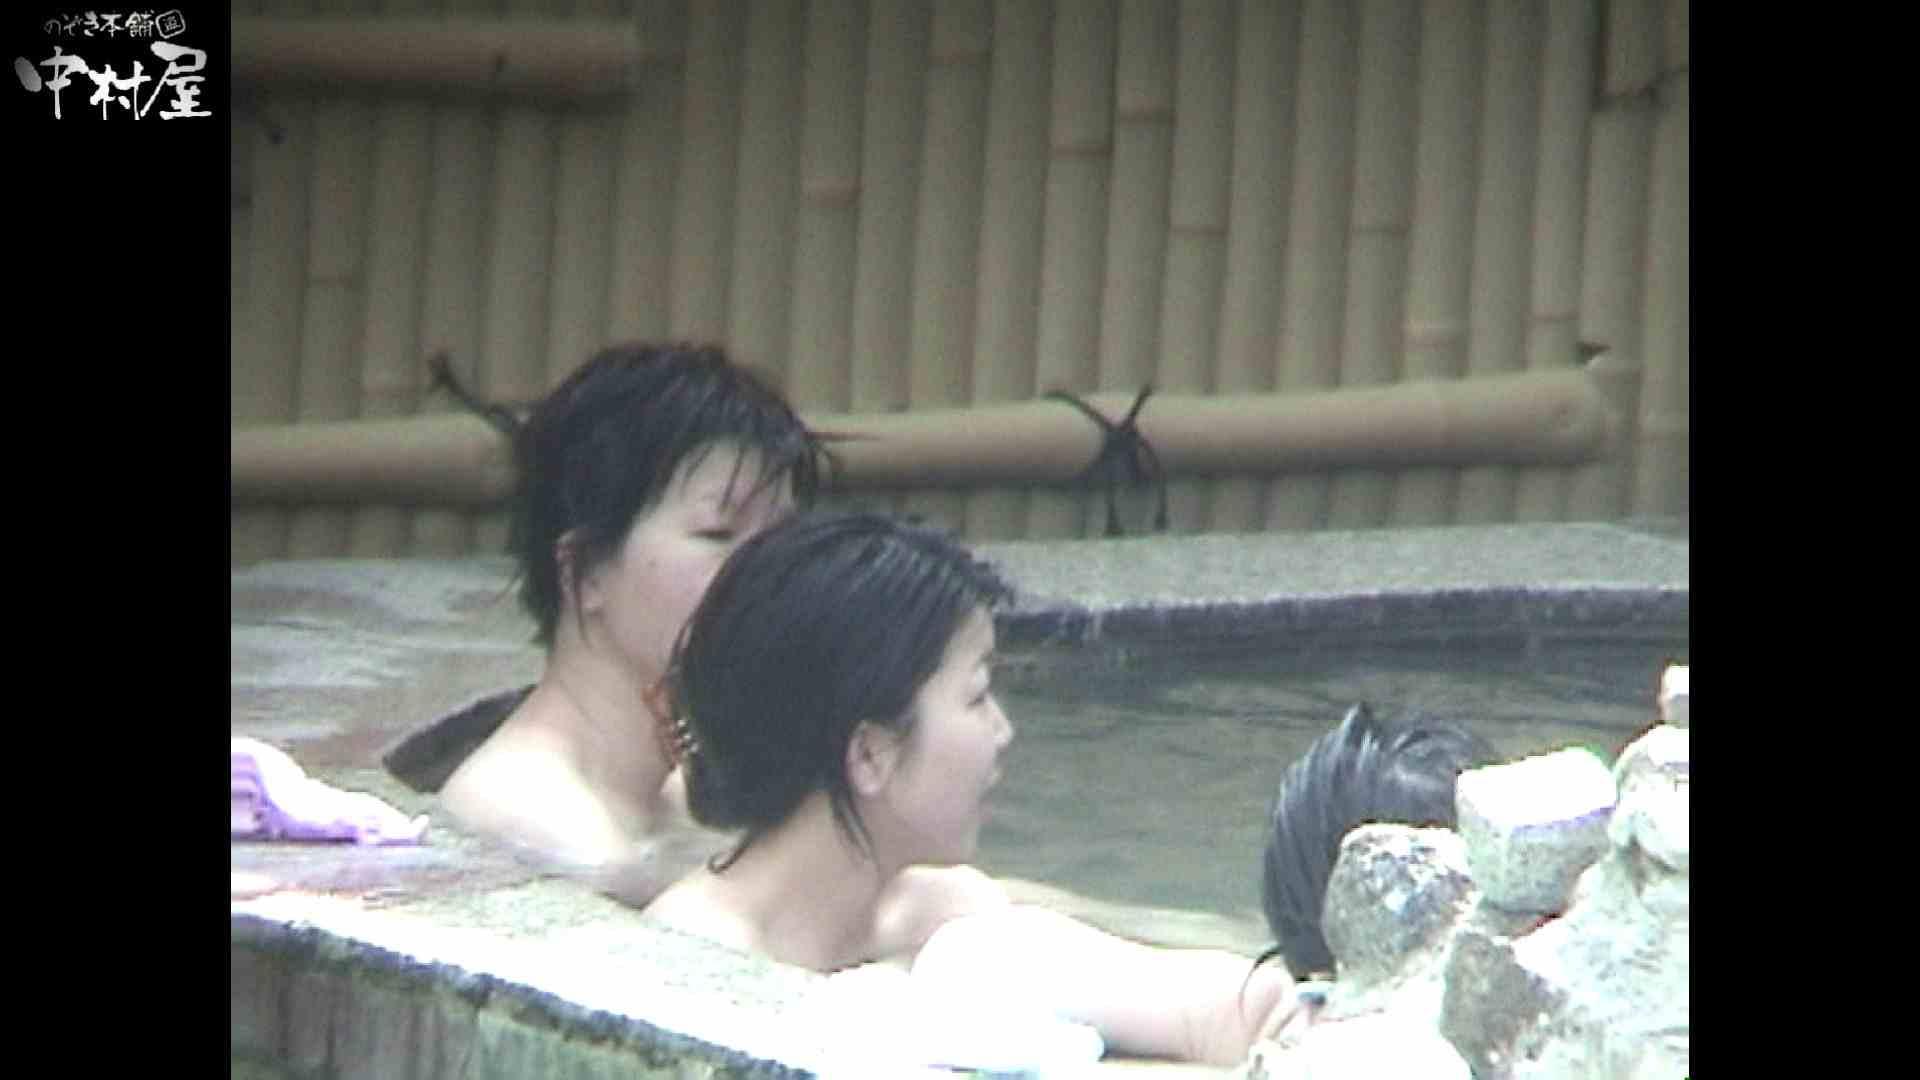 Aquaな露天風呂Vol.936 盗撮シリーズ  90PIX 40